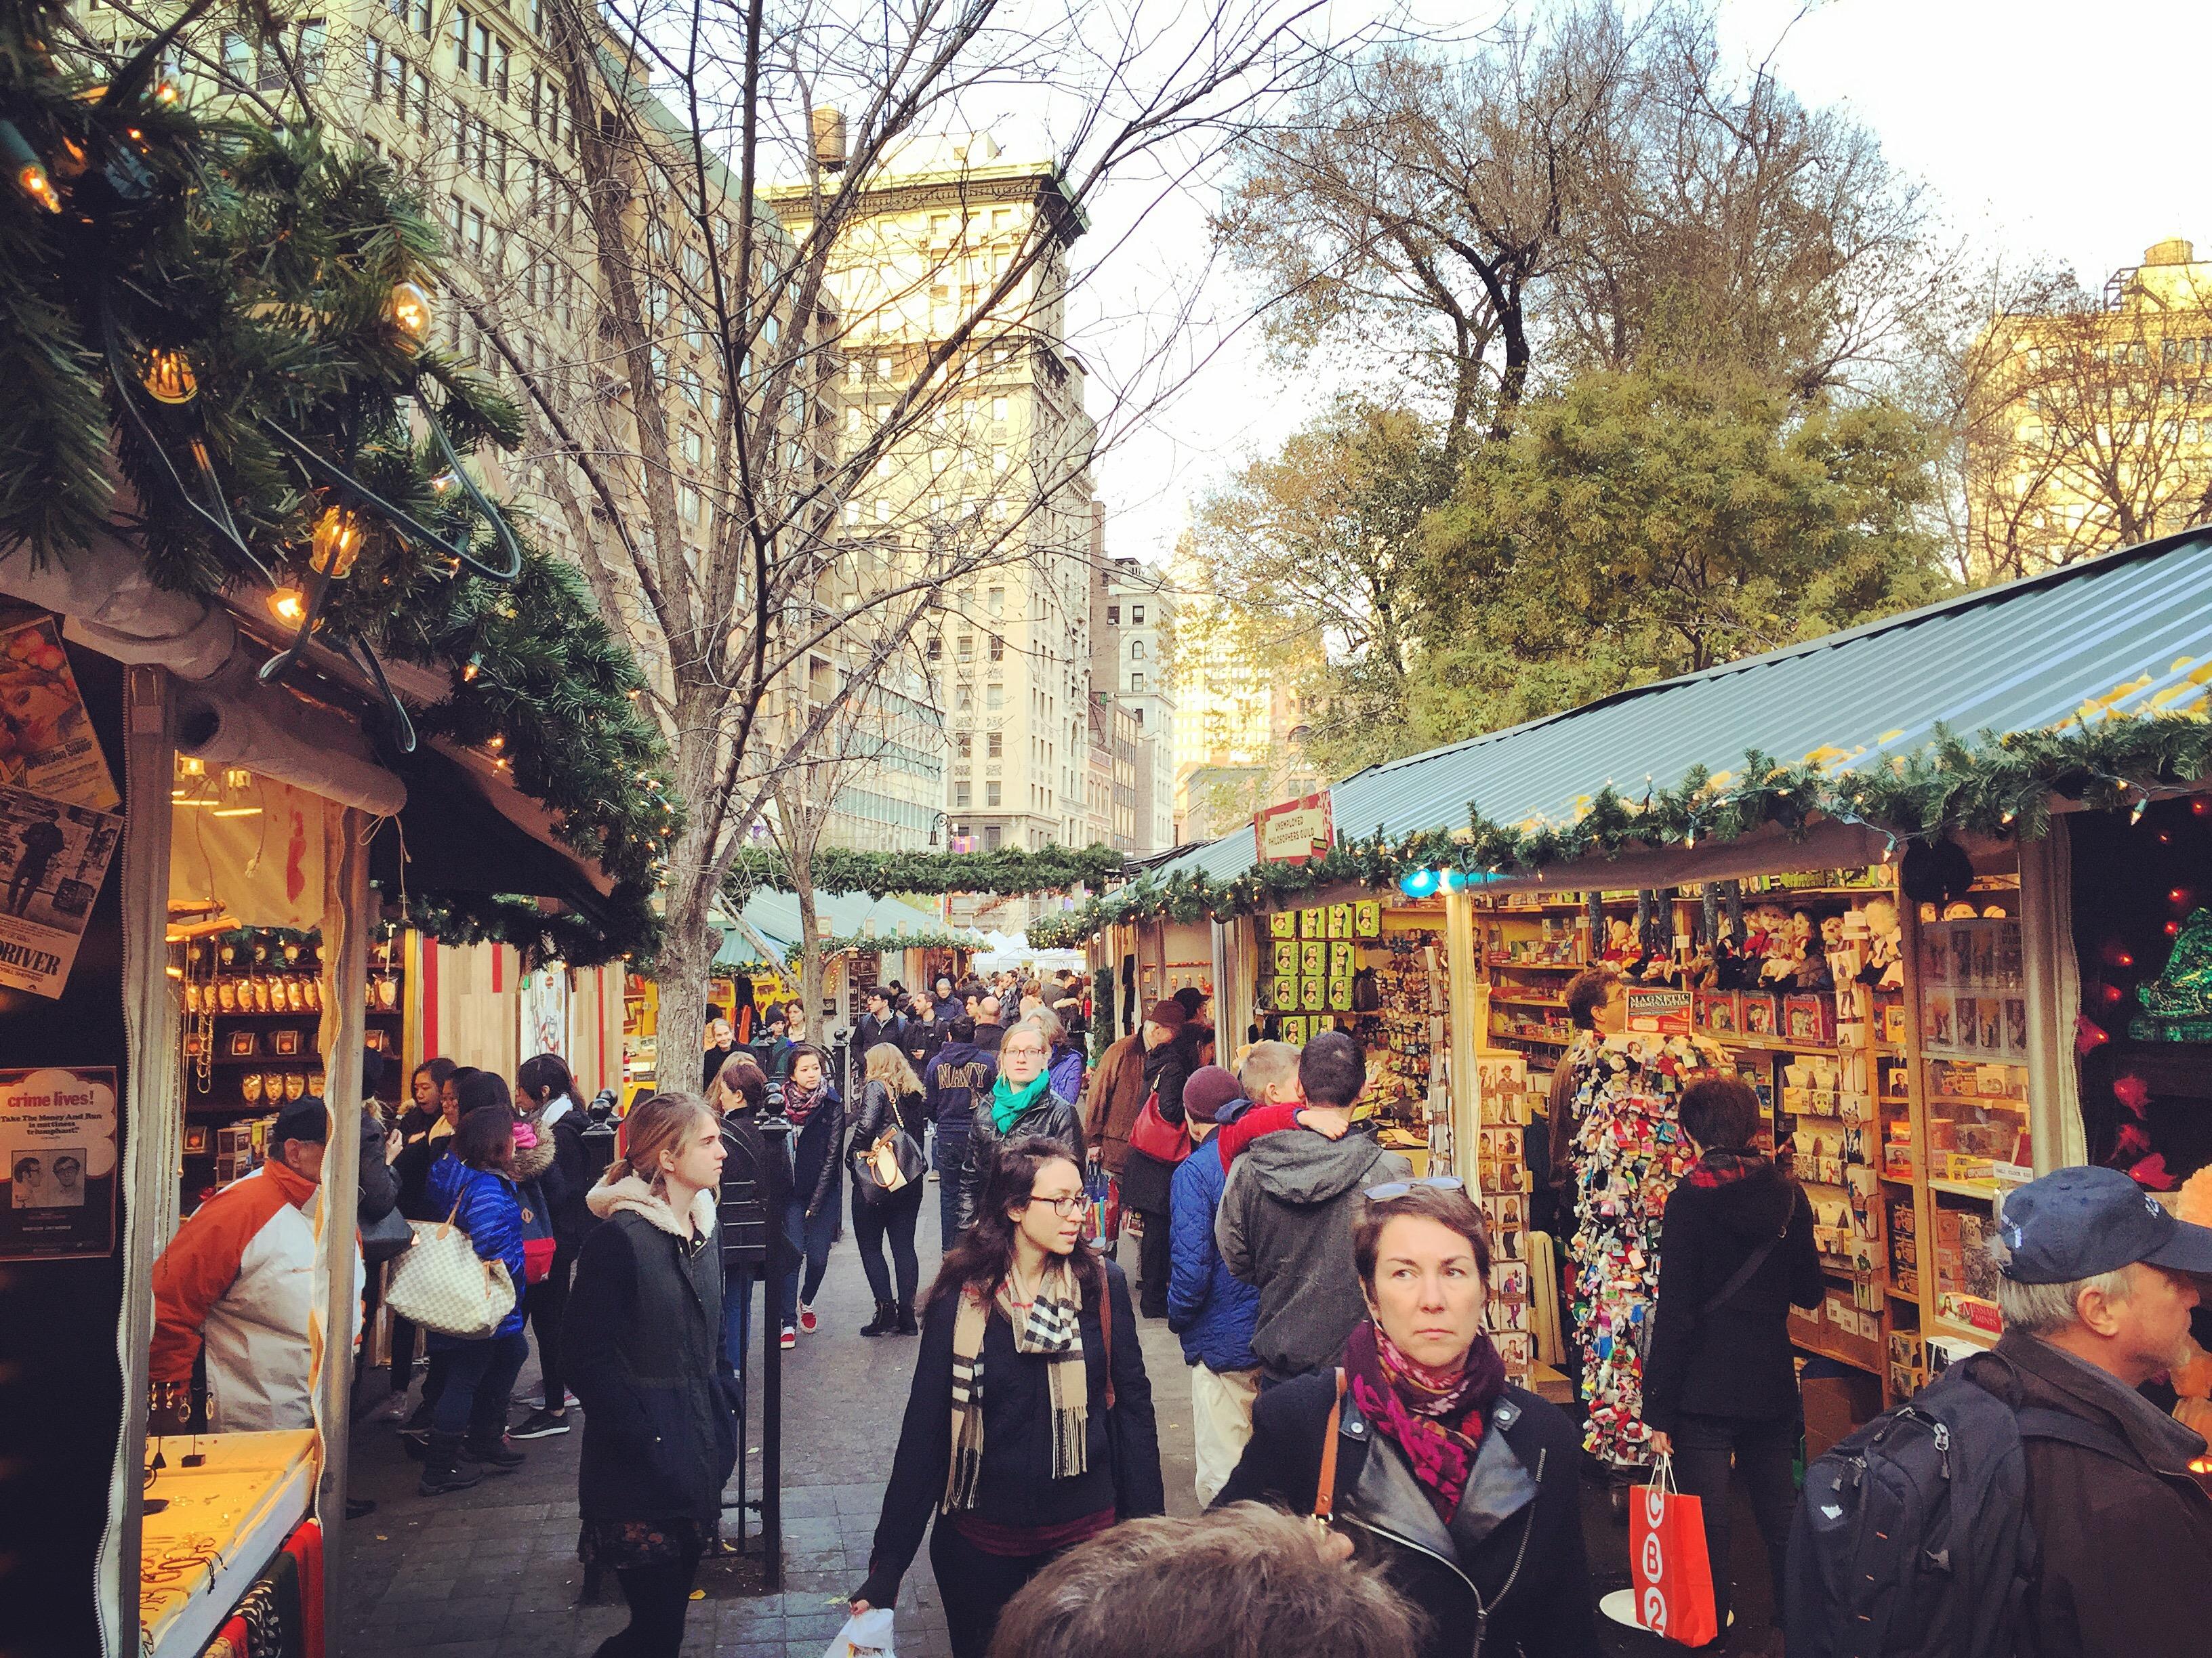 Marché de Noël à New York - new-york, etats-unis, amerique-du-nord, a-faire